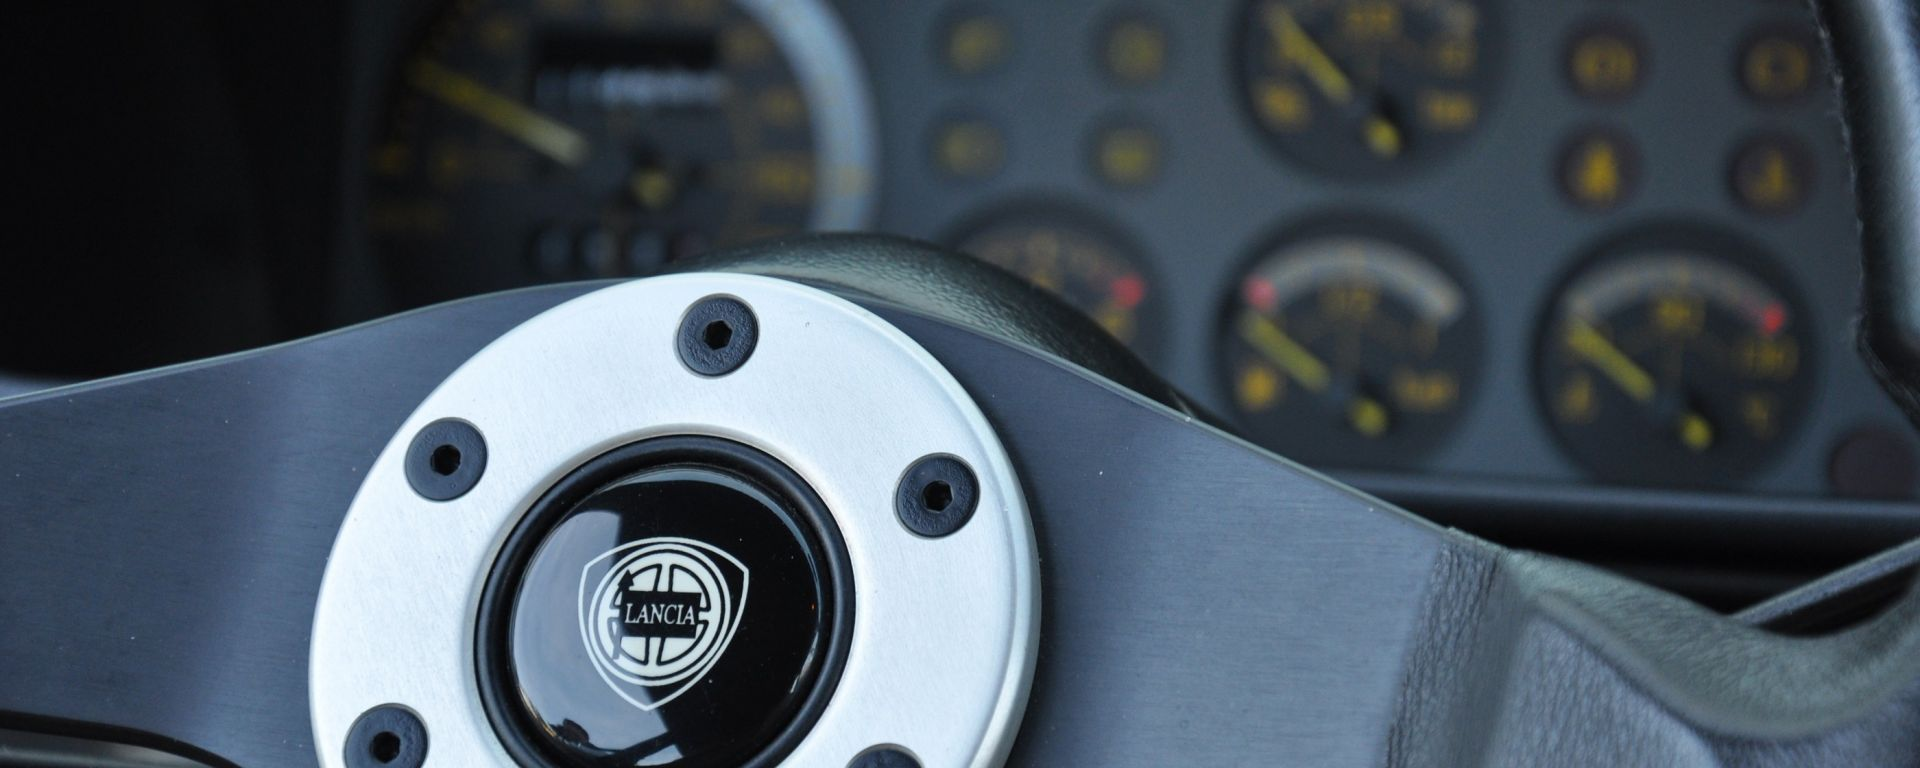 Abitacolo e interni della Lancia Delta HF Integrale